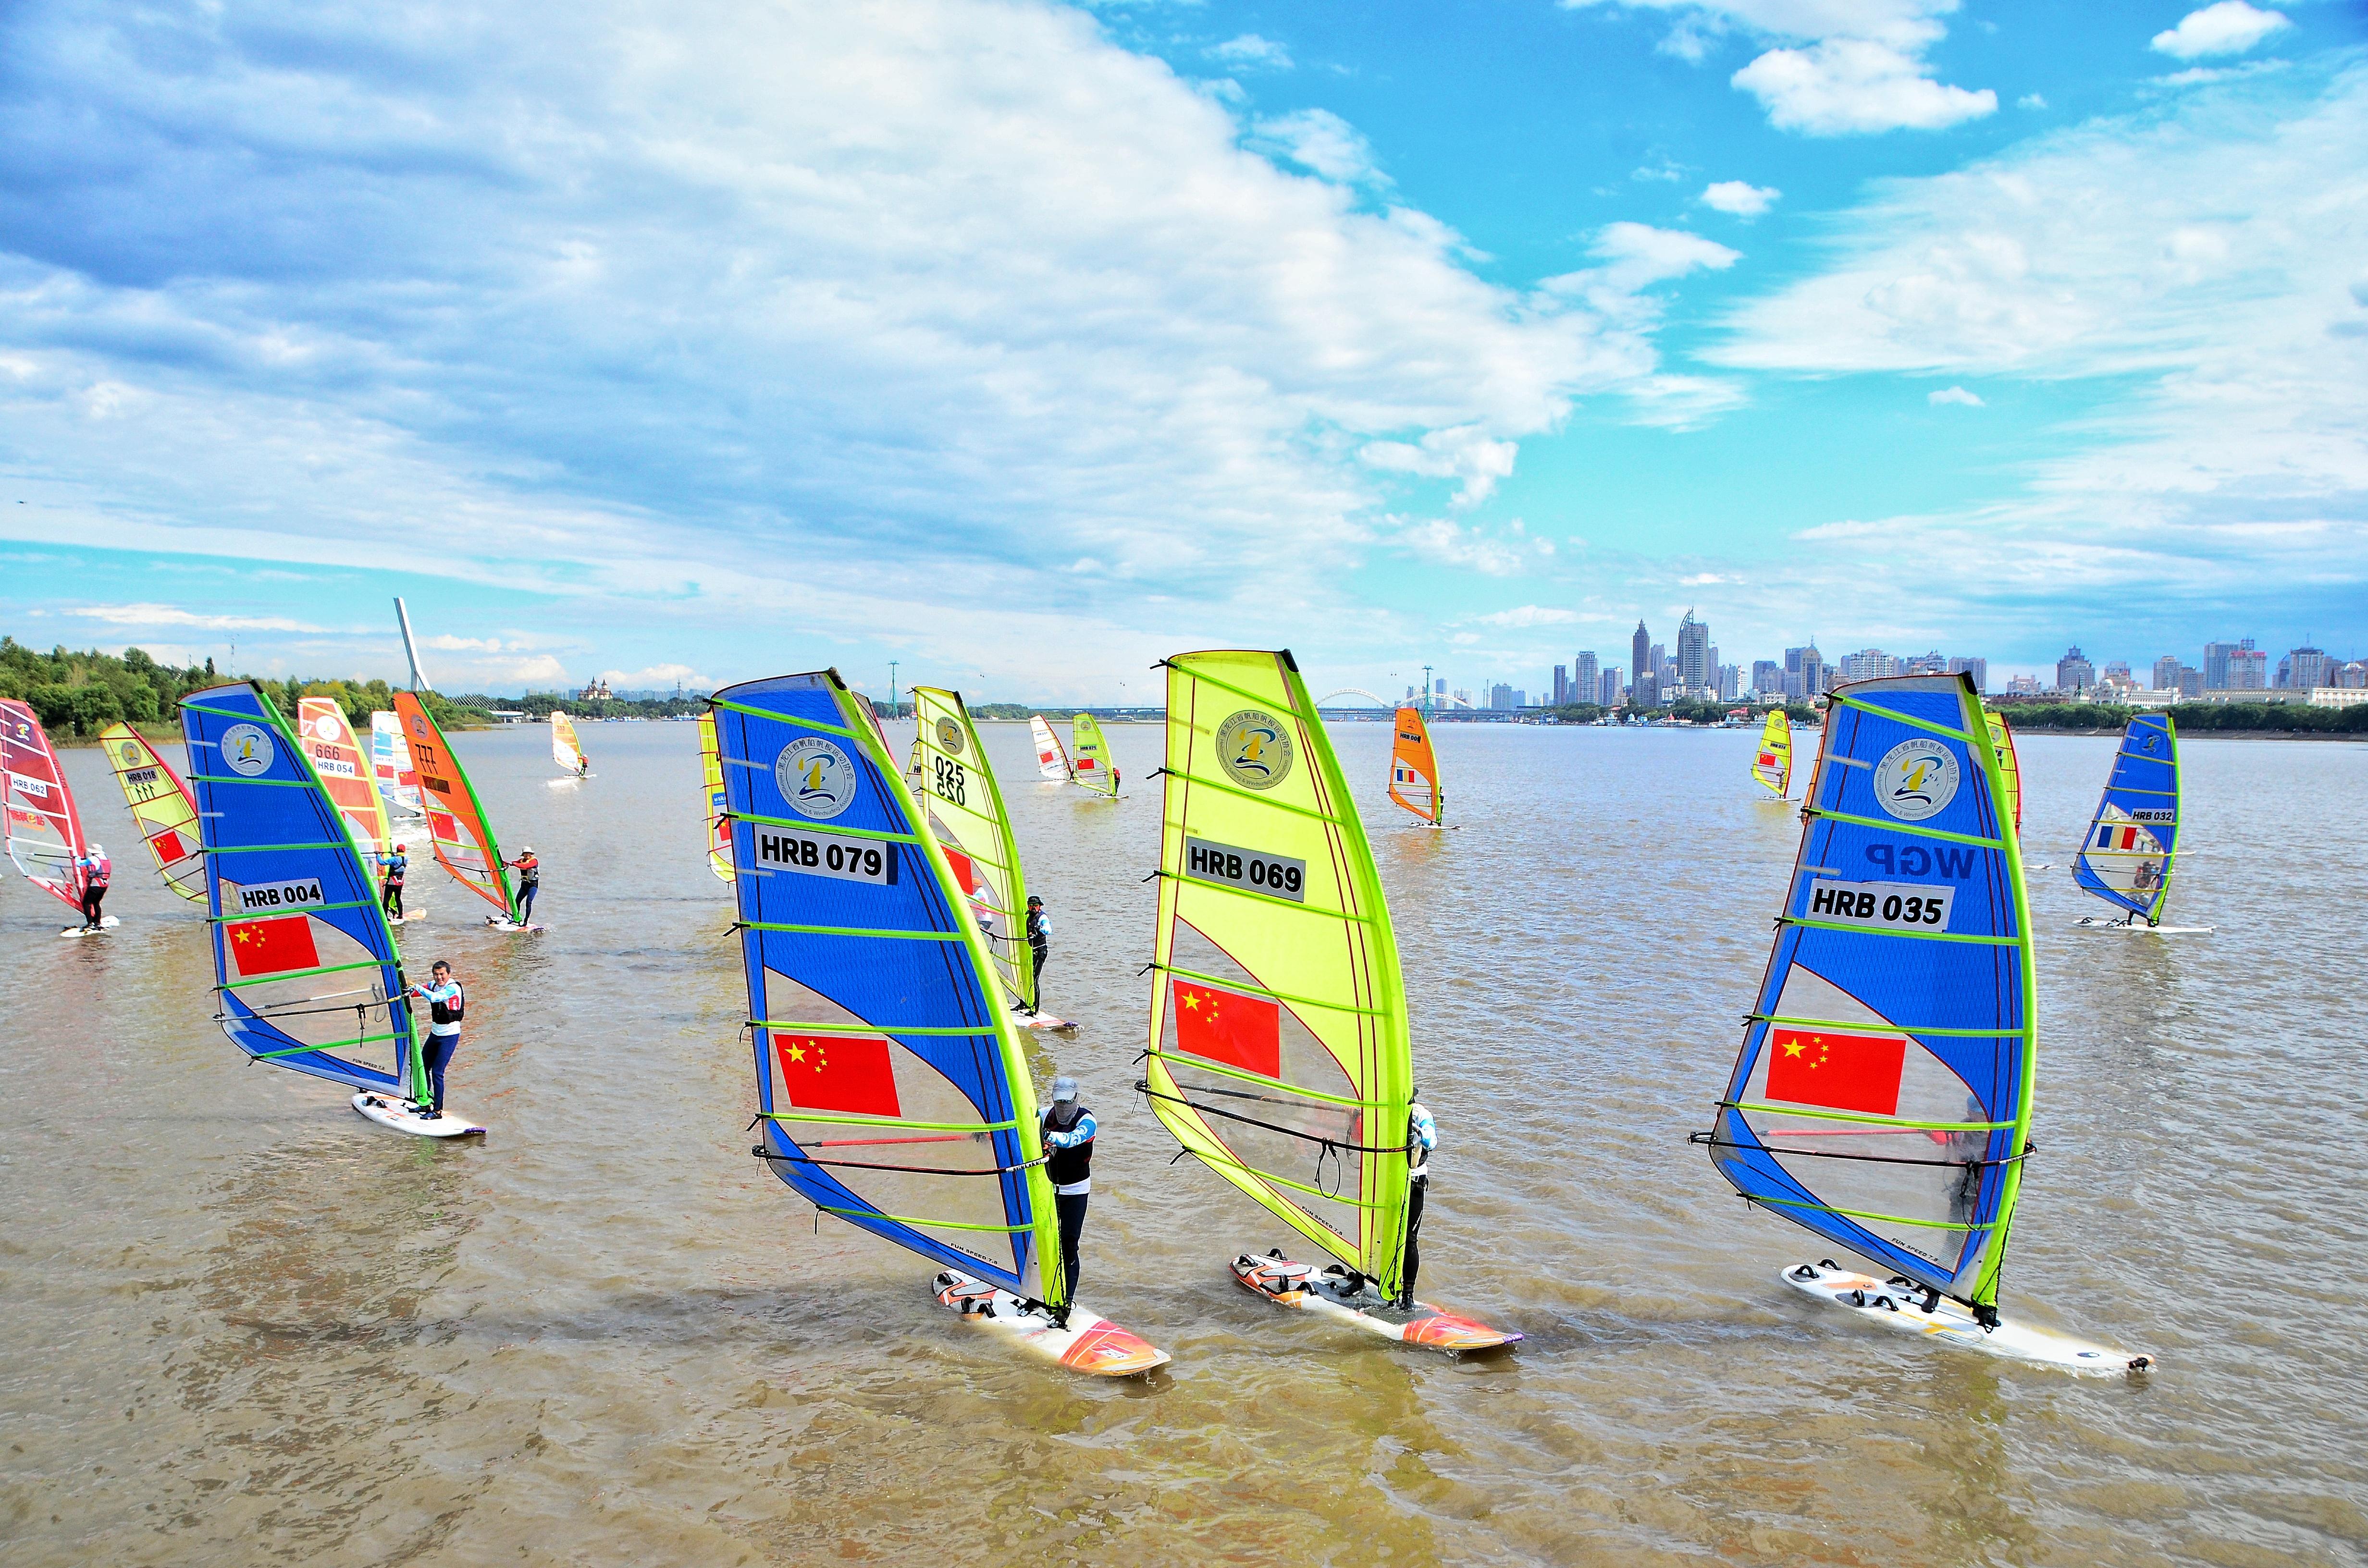 11日上午,2021哈尔滨第二届帆板奥林匹克场地公开赛在松花江滨玛逊码头水域举行。本届赛事展示了哈尔滨运动之城、活力之城、风情之城的个性和魅力,不仅为秋日的松花江增加了色彩和活力,也推动了哈尔滨市全民健身活动的蓬勃开展。